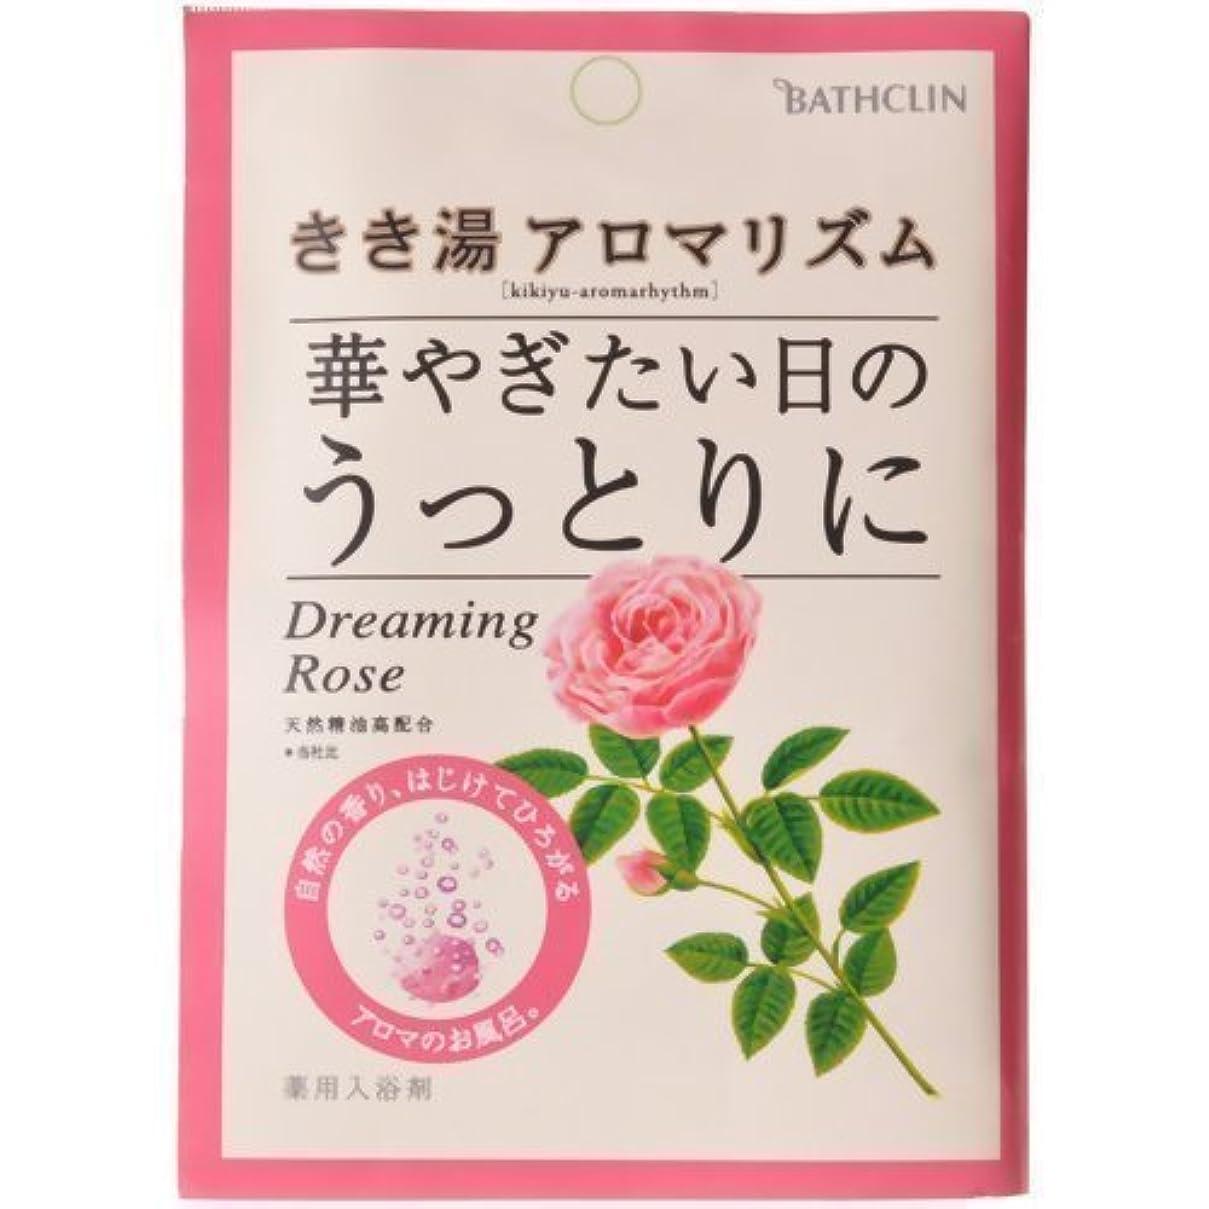 飼料電報真空きき湯 アロマリズム ドリーミングローズの香り 30g